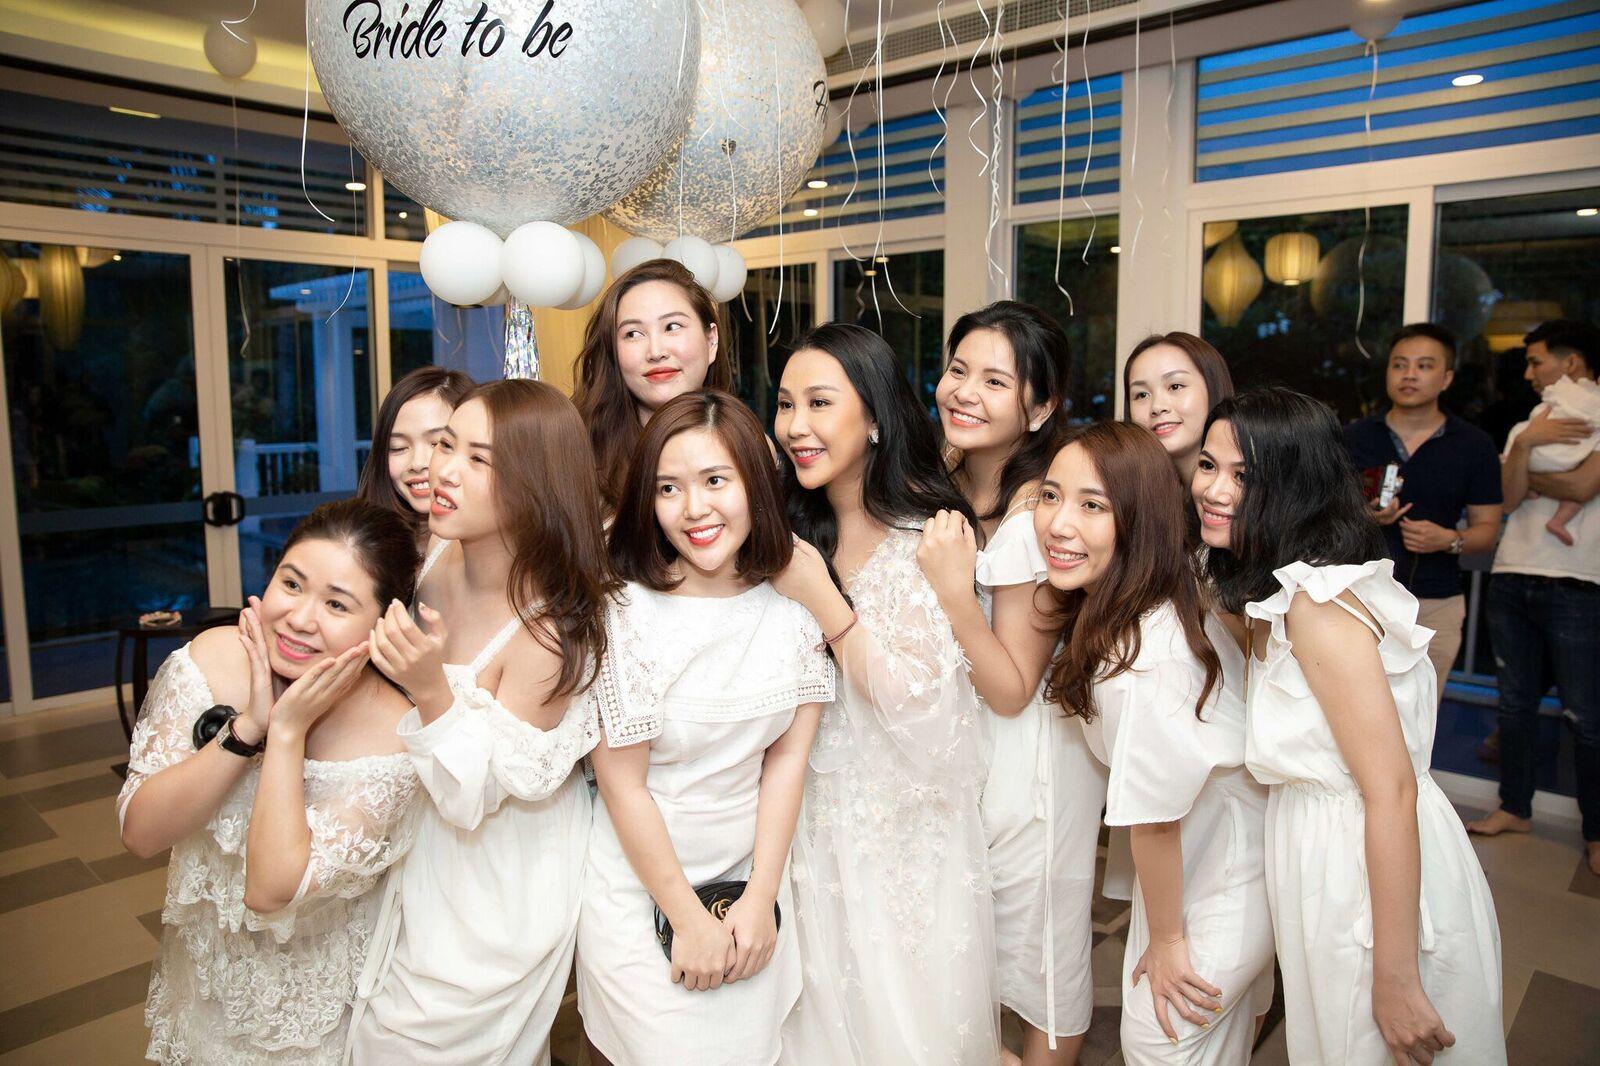 Trước giờ G cử hành hôn lễ, nhà văn Gào chia sẻ những hình ảnh về tiệc chia tay thời độc thân cùng dàn phù dâu xinh đẹp - Ảnh 16.